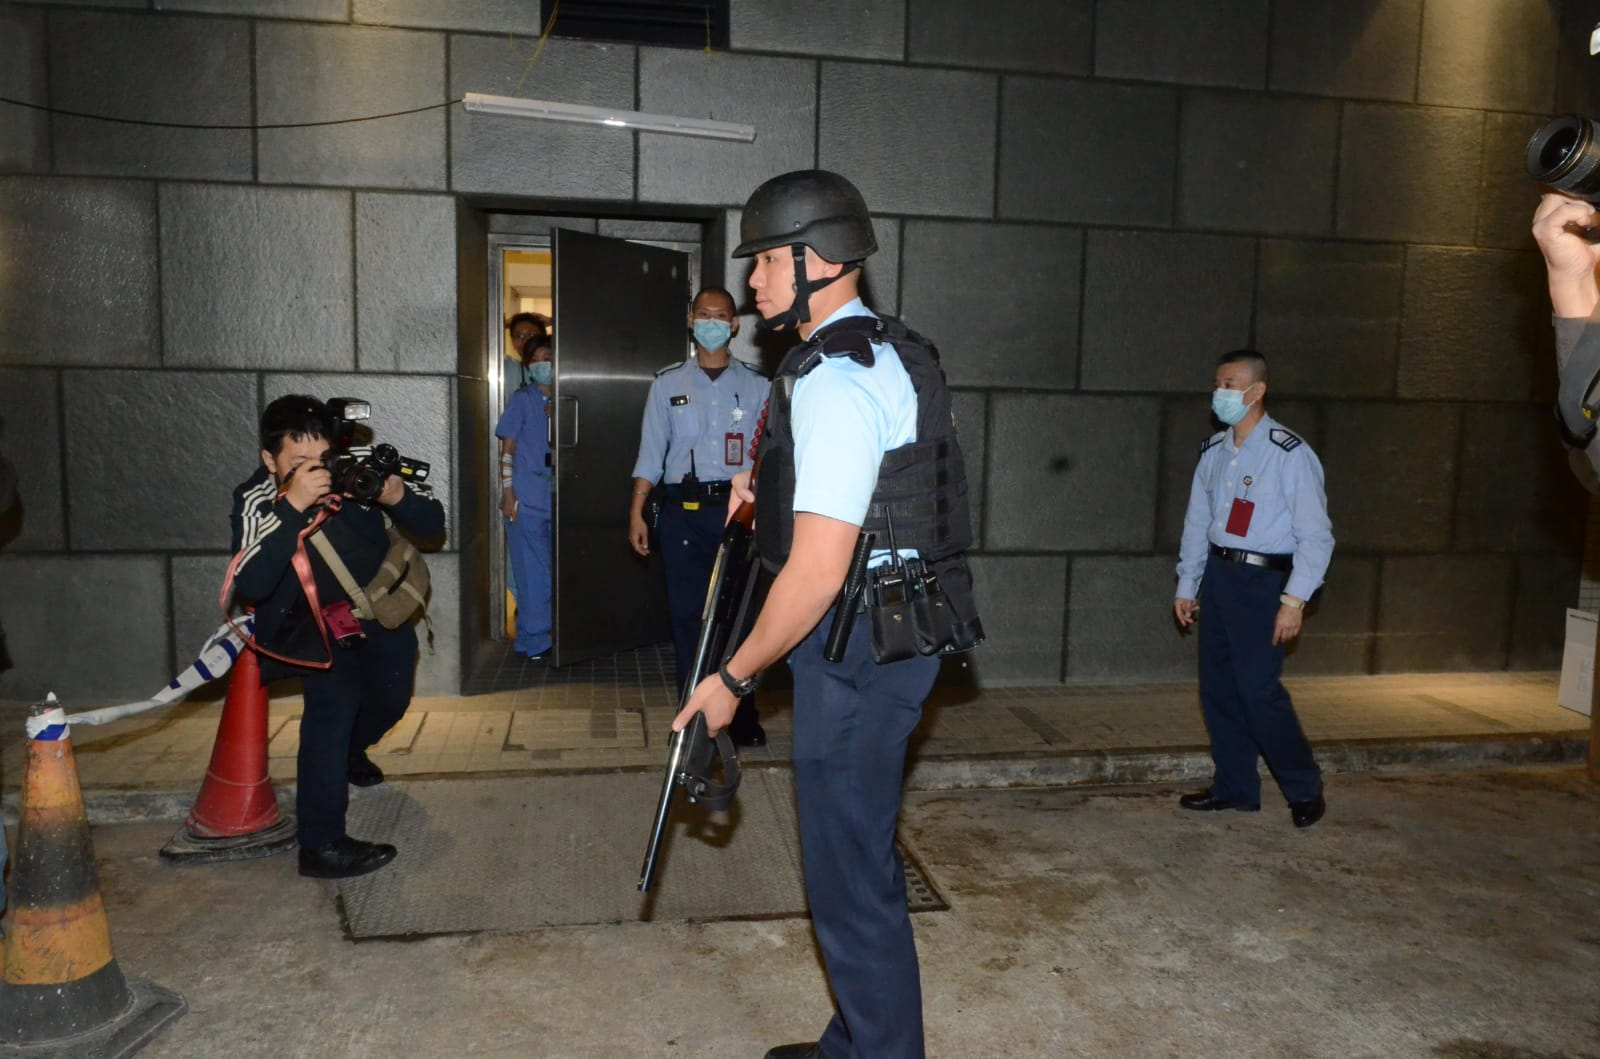 警員持槍戒備。